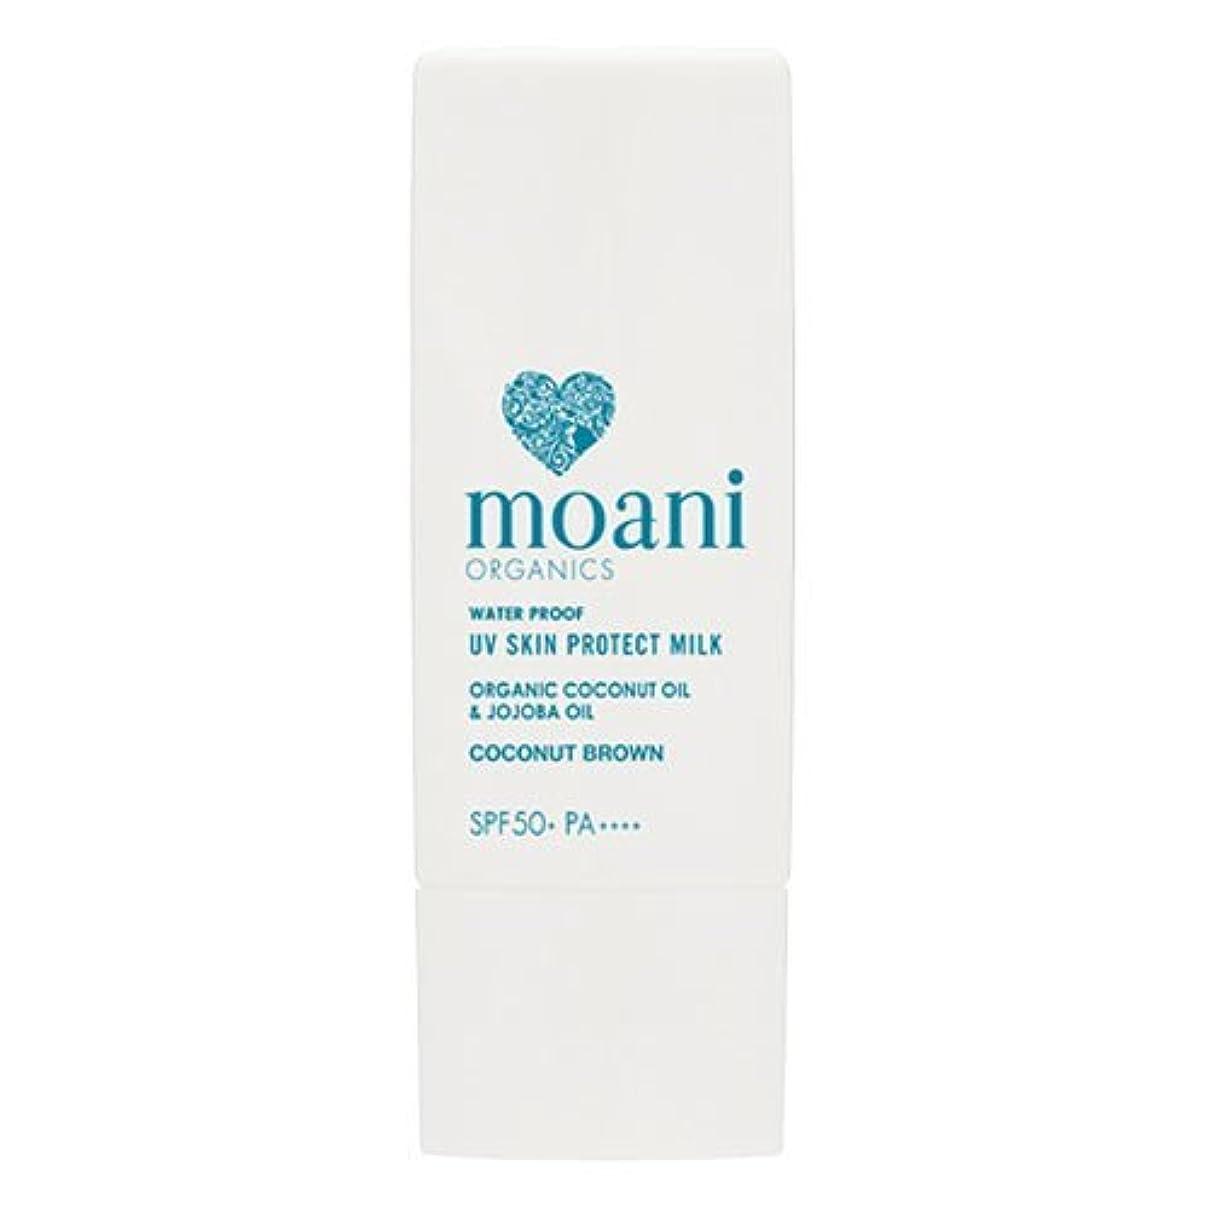 アクチュエータするだろう規模moani organics UV SKIN PROTECT MILK coconut brown(顔用日焼け止め)